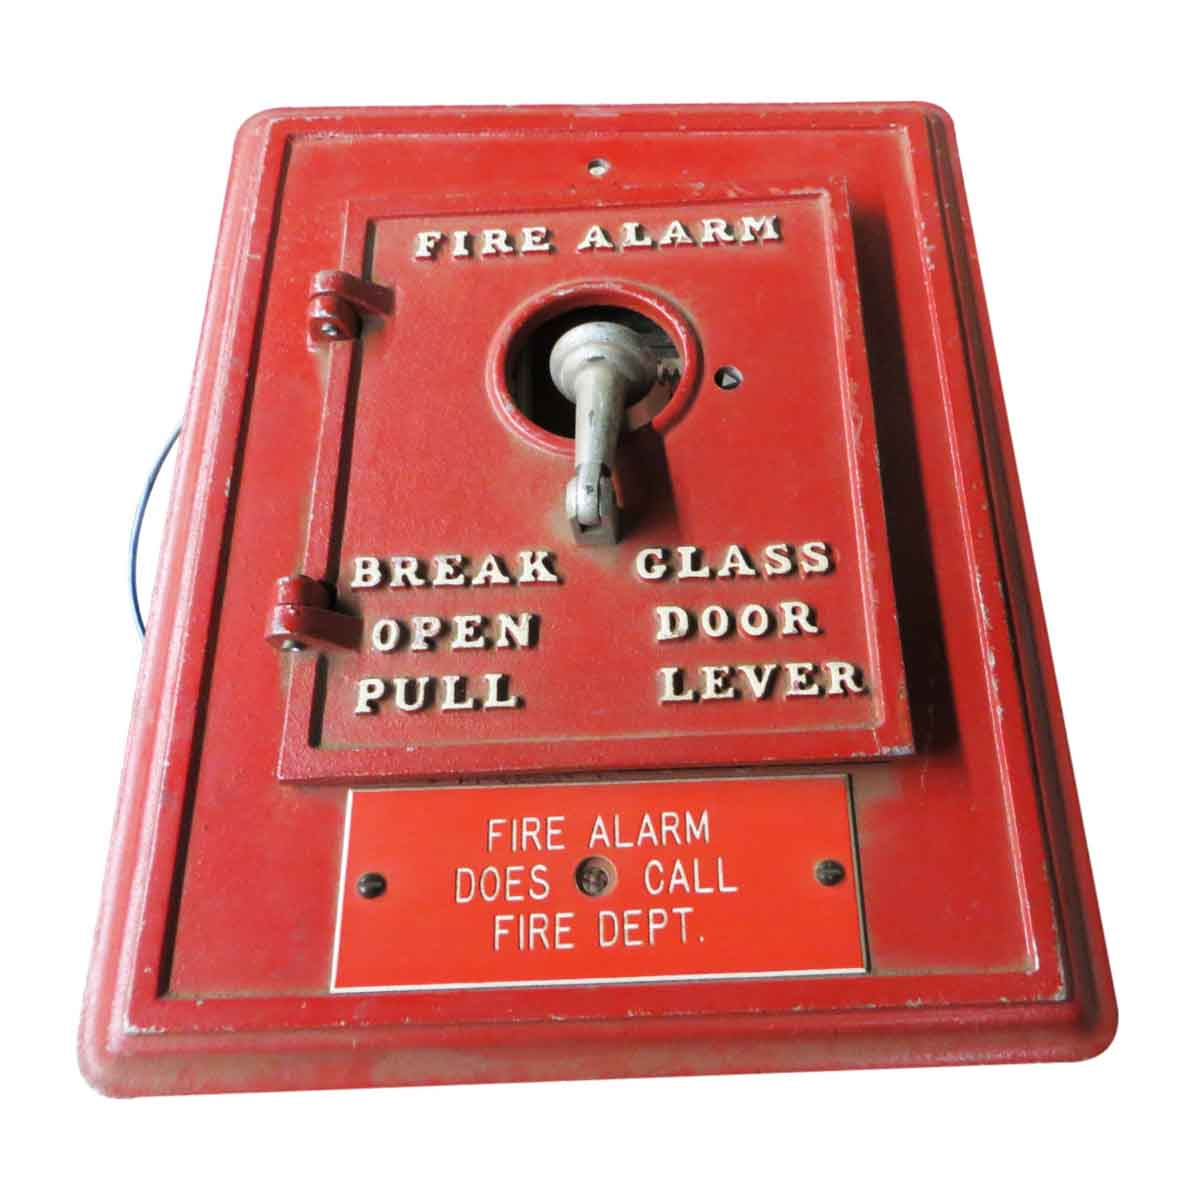 Square Fire Alarm Box